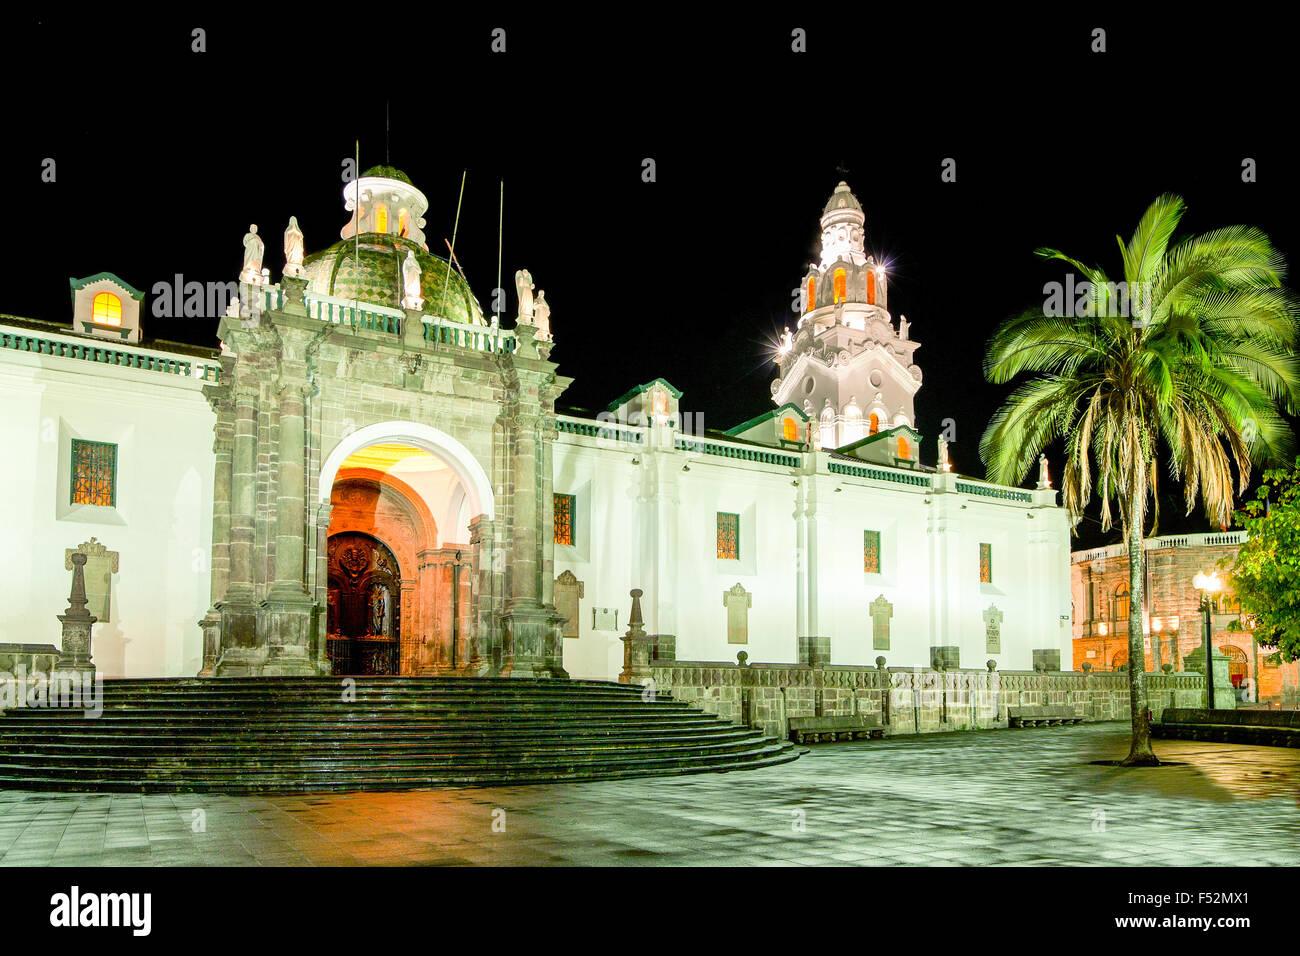 Sur la place principale de la cathédrale de Quito Equateur Photo Stock